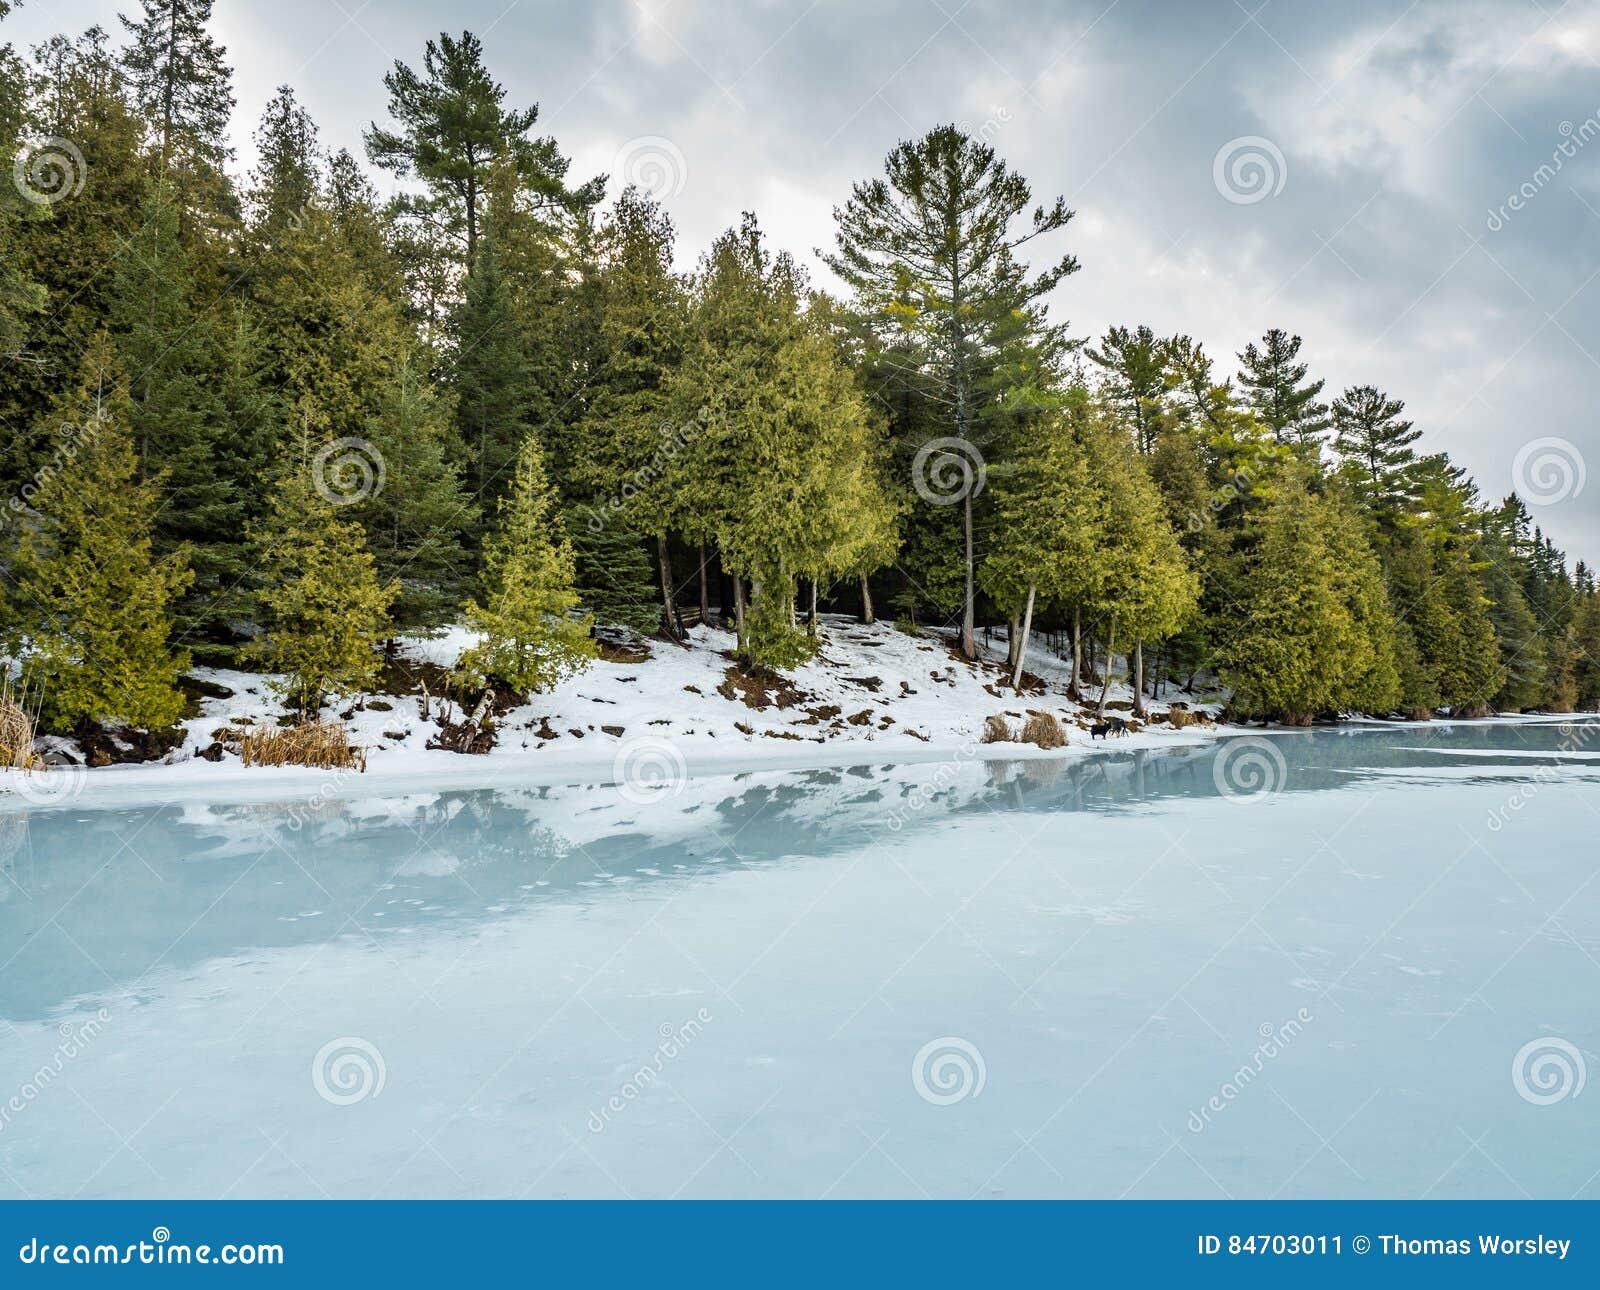 Riflessioni 6 Cedar Forest Beside Frozen Marsh di disgelo di inverno